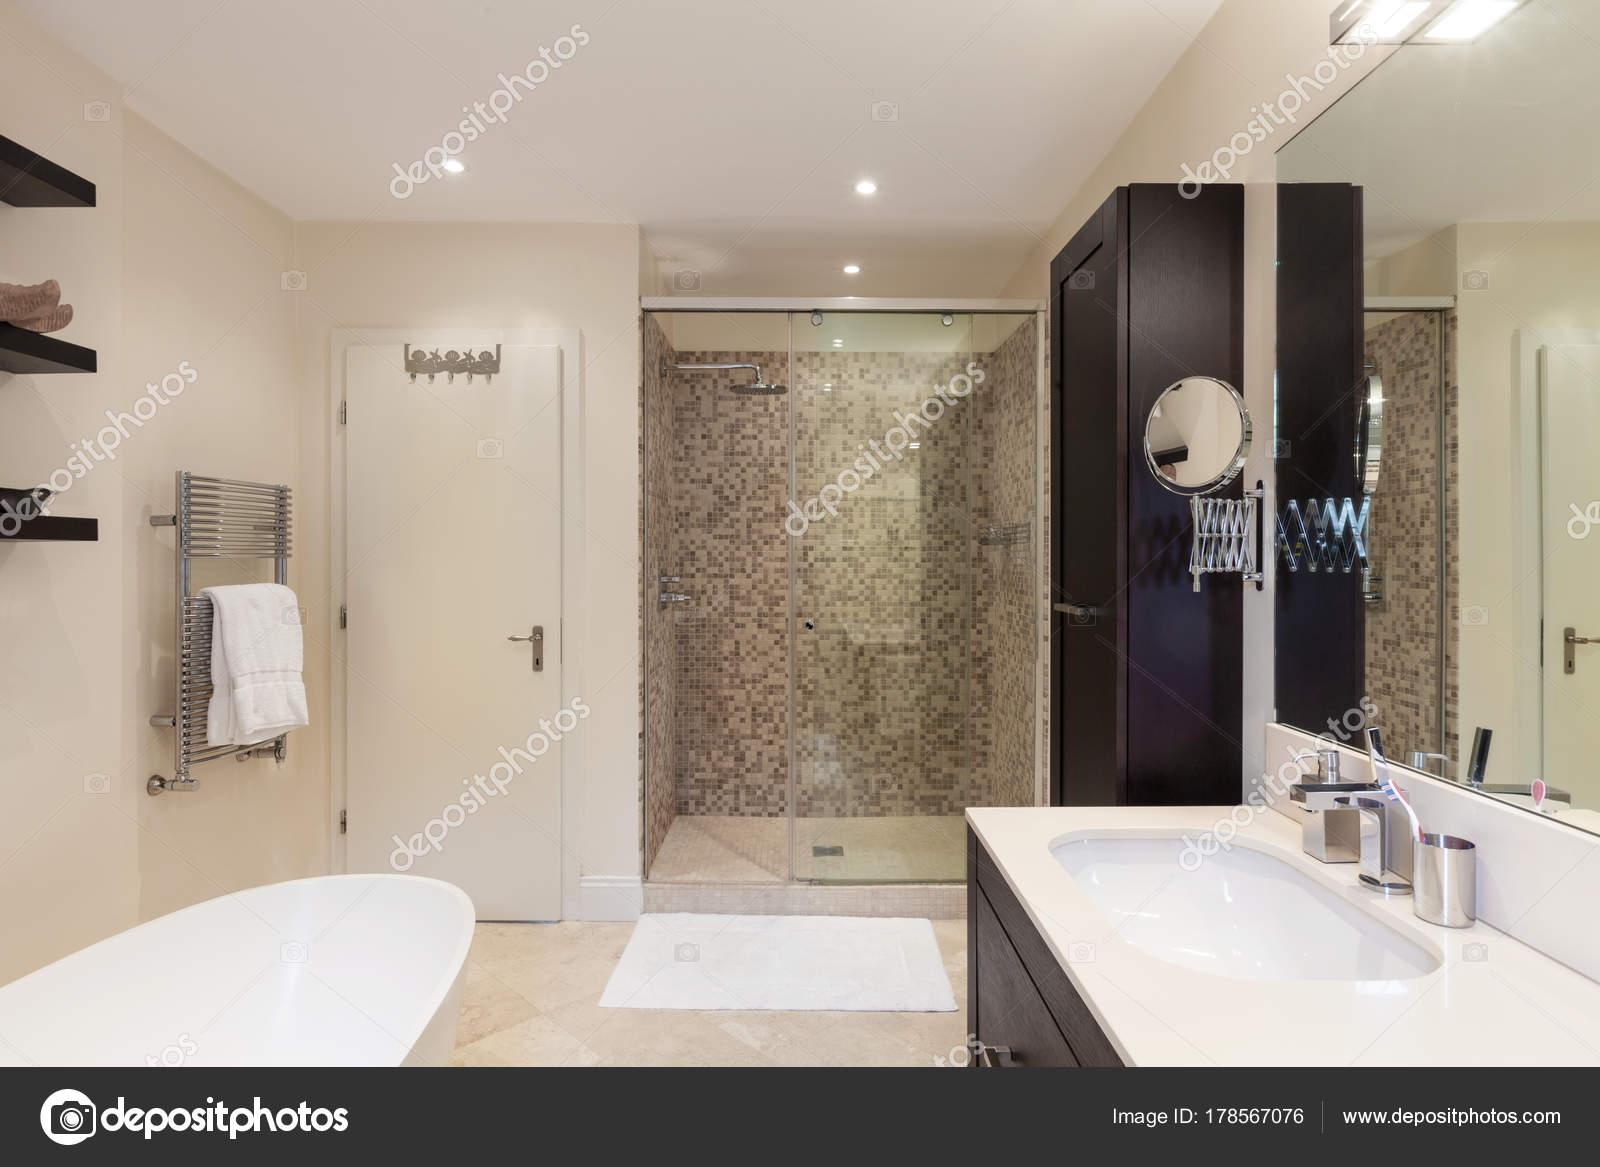 Badkamer Los Bad : Interieur badkamer u stockfoto zveiger